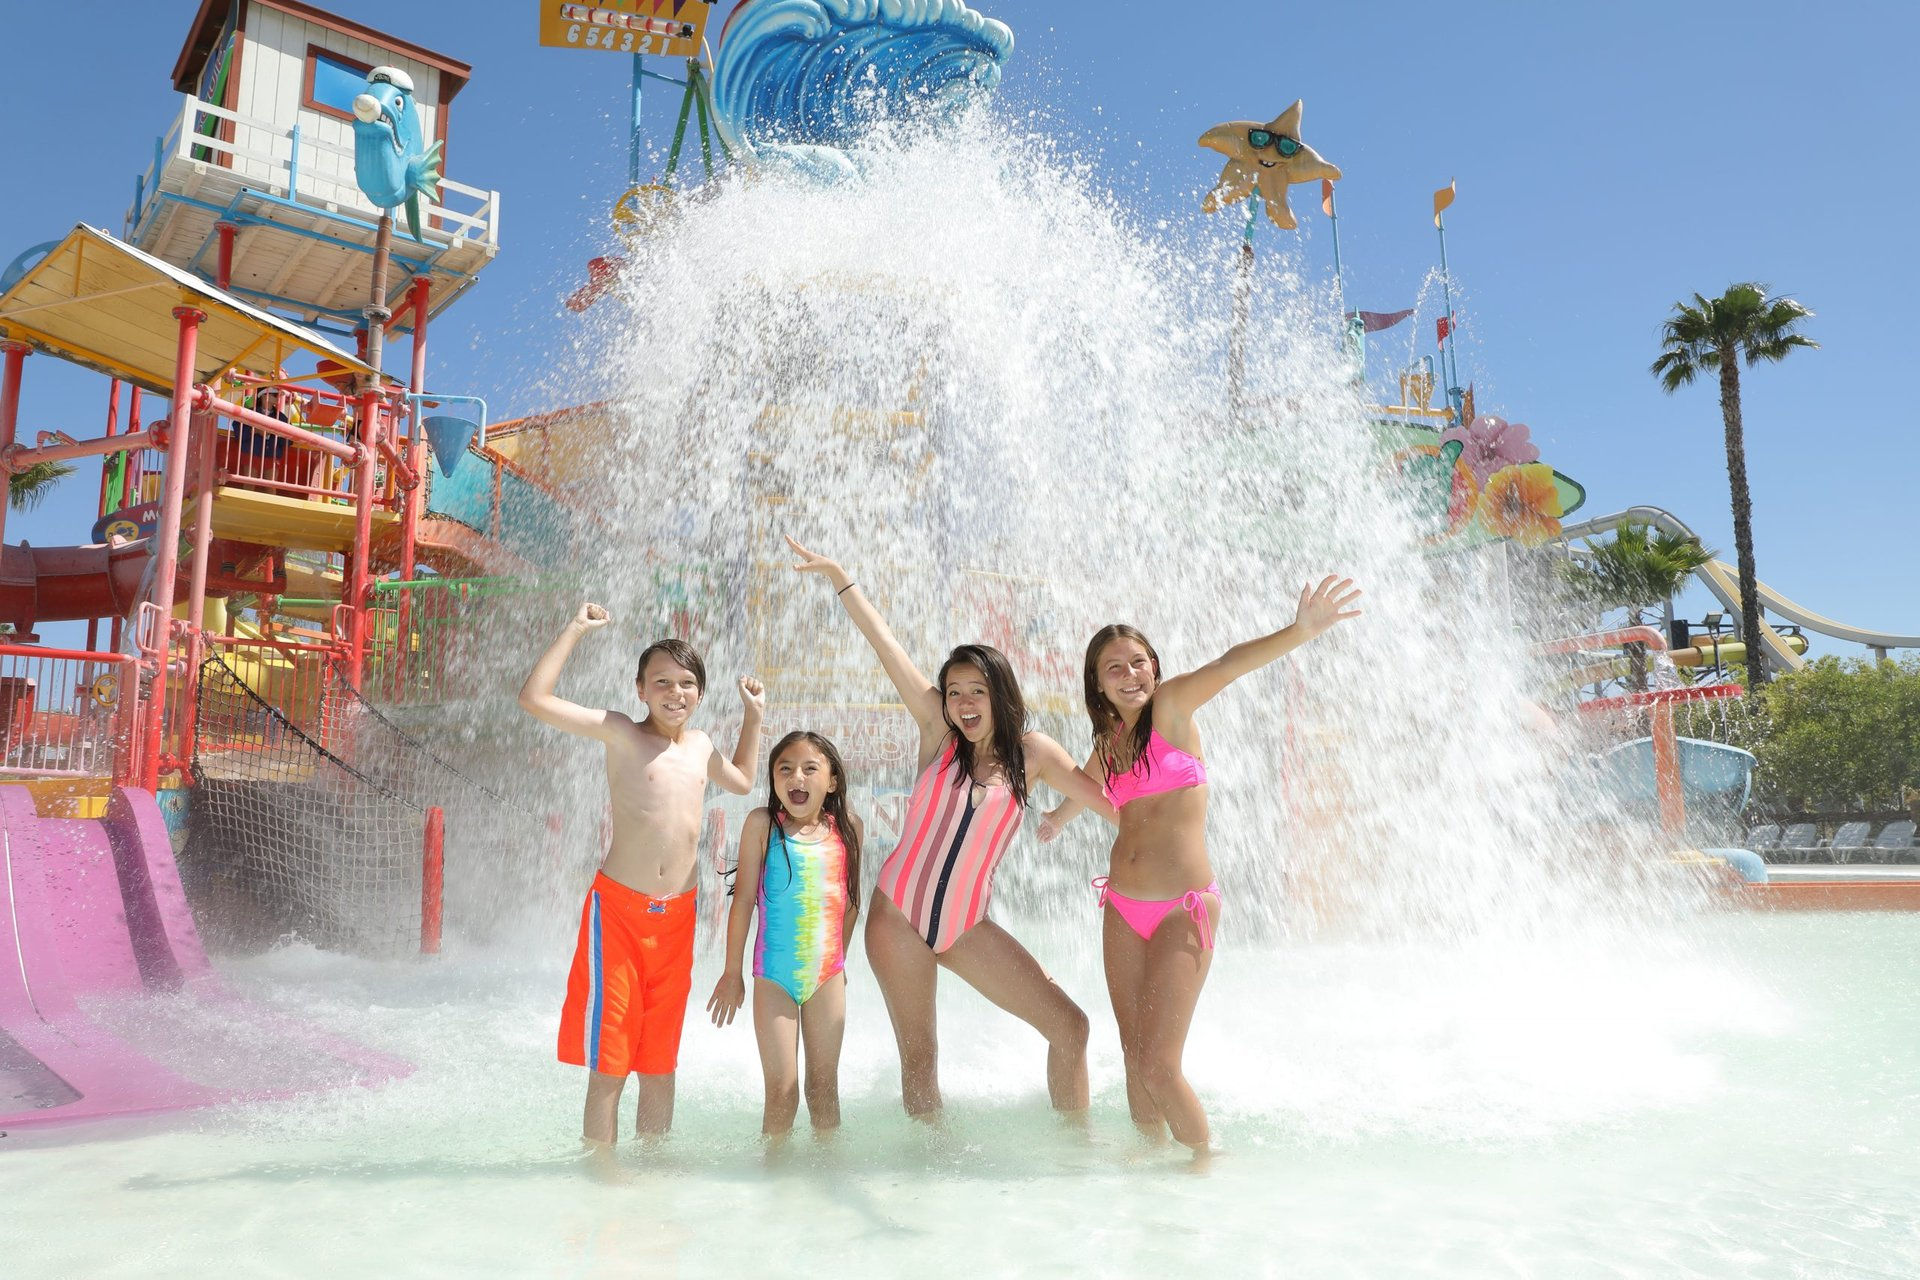 hhla_splash-island-1-1